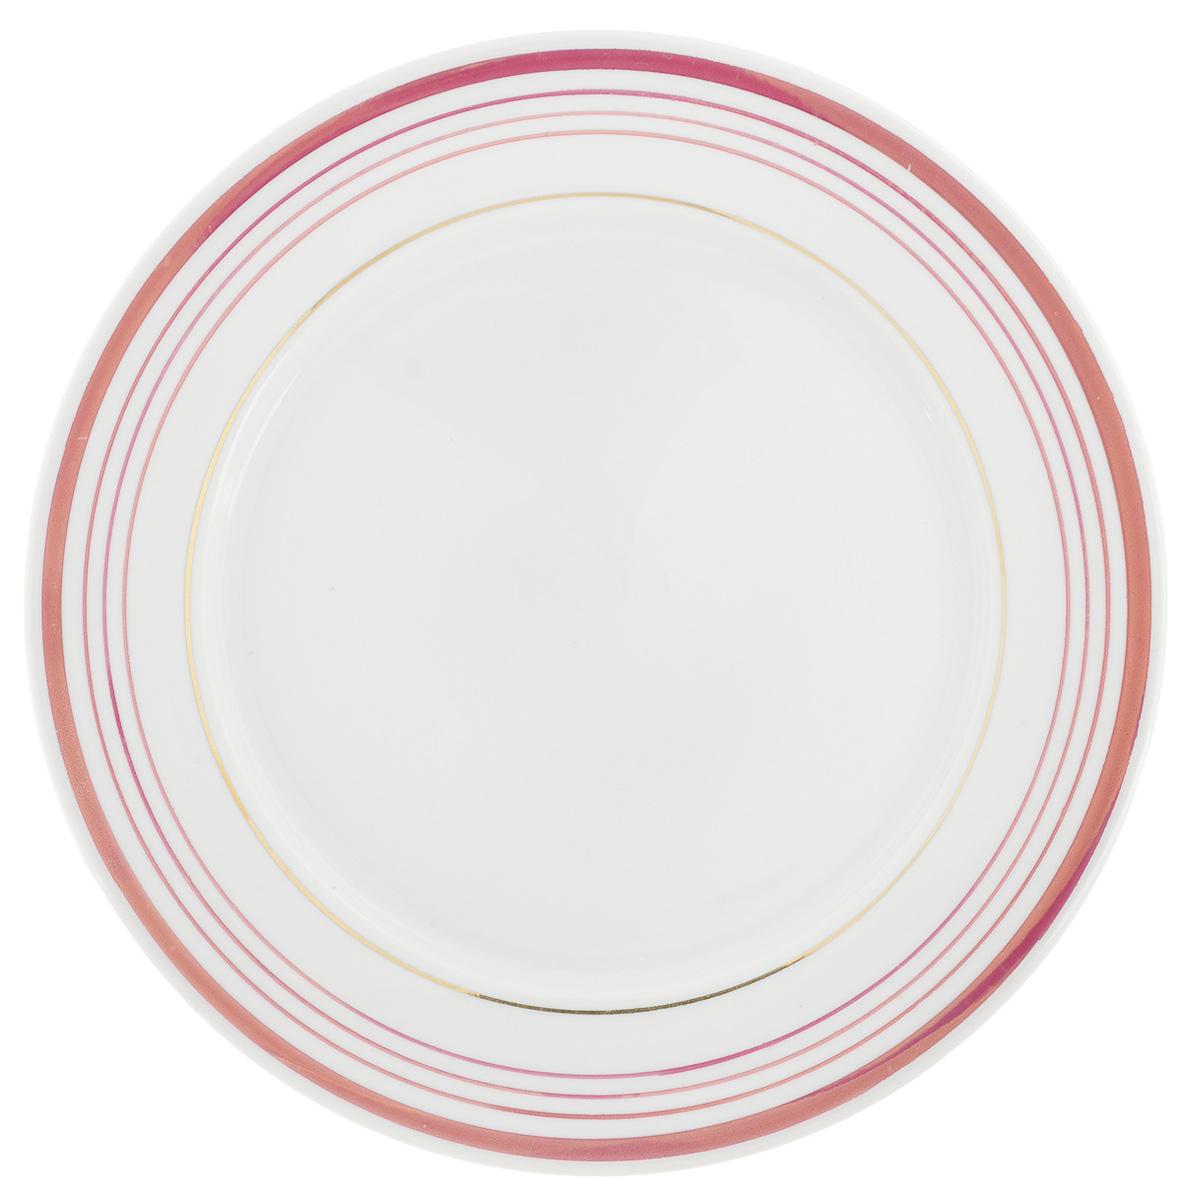 Тарелка Фарфор Вербилок, диаметр 24 см. 2507230025072300Тарелка Фарфор Вербилок, изготовленная из высококачественного фарфора, имеет изысканный внешний вид. Яркий дизайн придется по вкусу и ценителям классики, и тем, кто предпочитает современный стиль. Тарелка Фарфор Вербилок идеально подойдет для сервировки стола и станет отличным подарком к любому празднику. Диаметр тарелки: 24 см. Высота тарелки: 1,5 см.